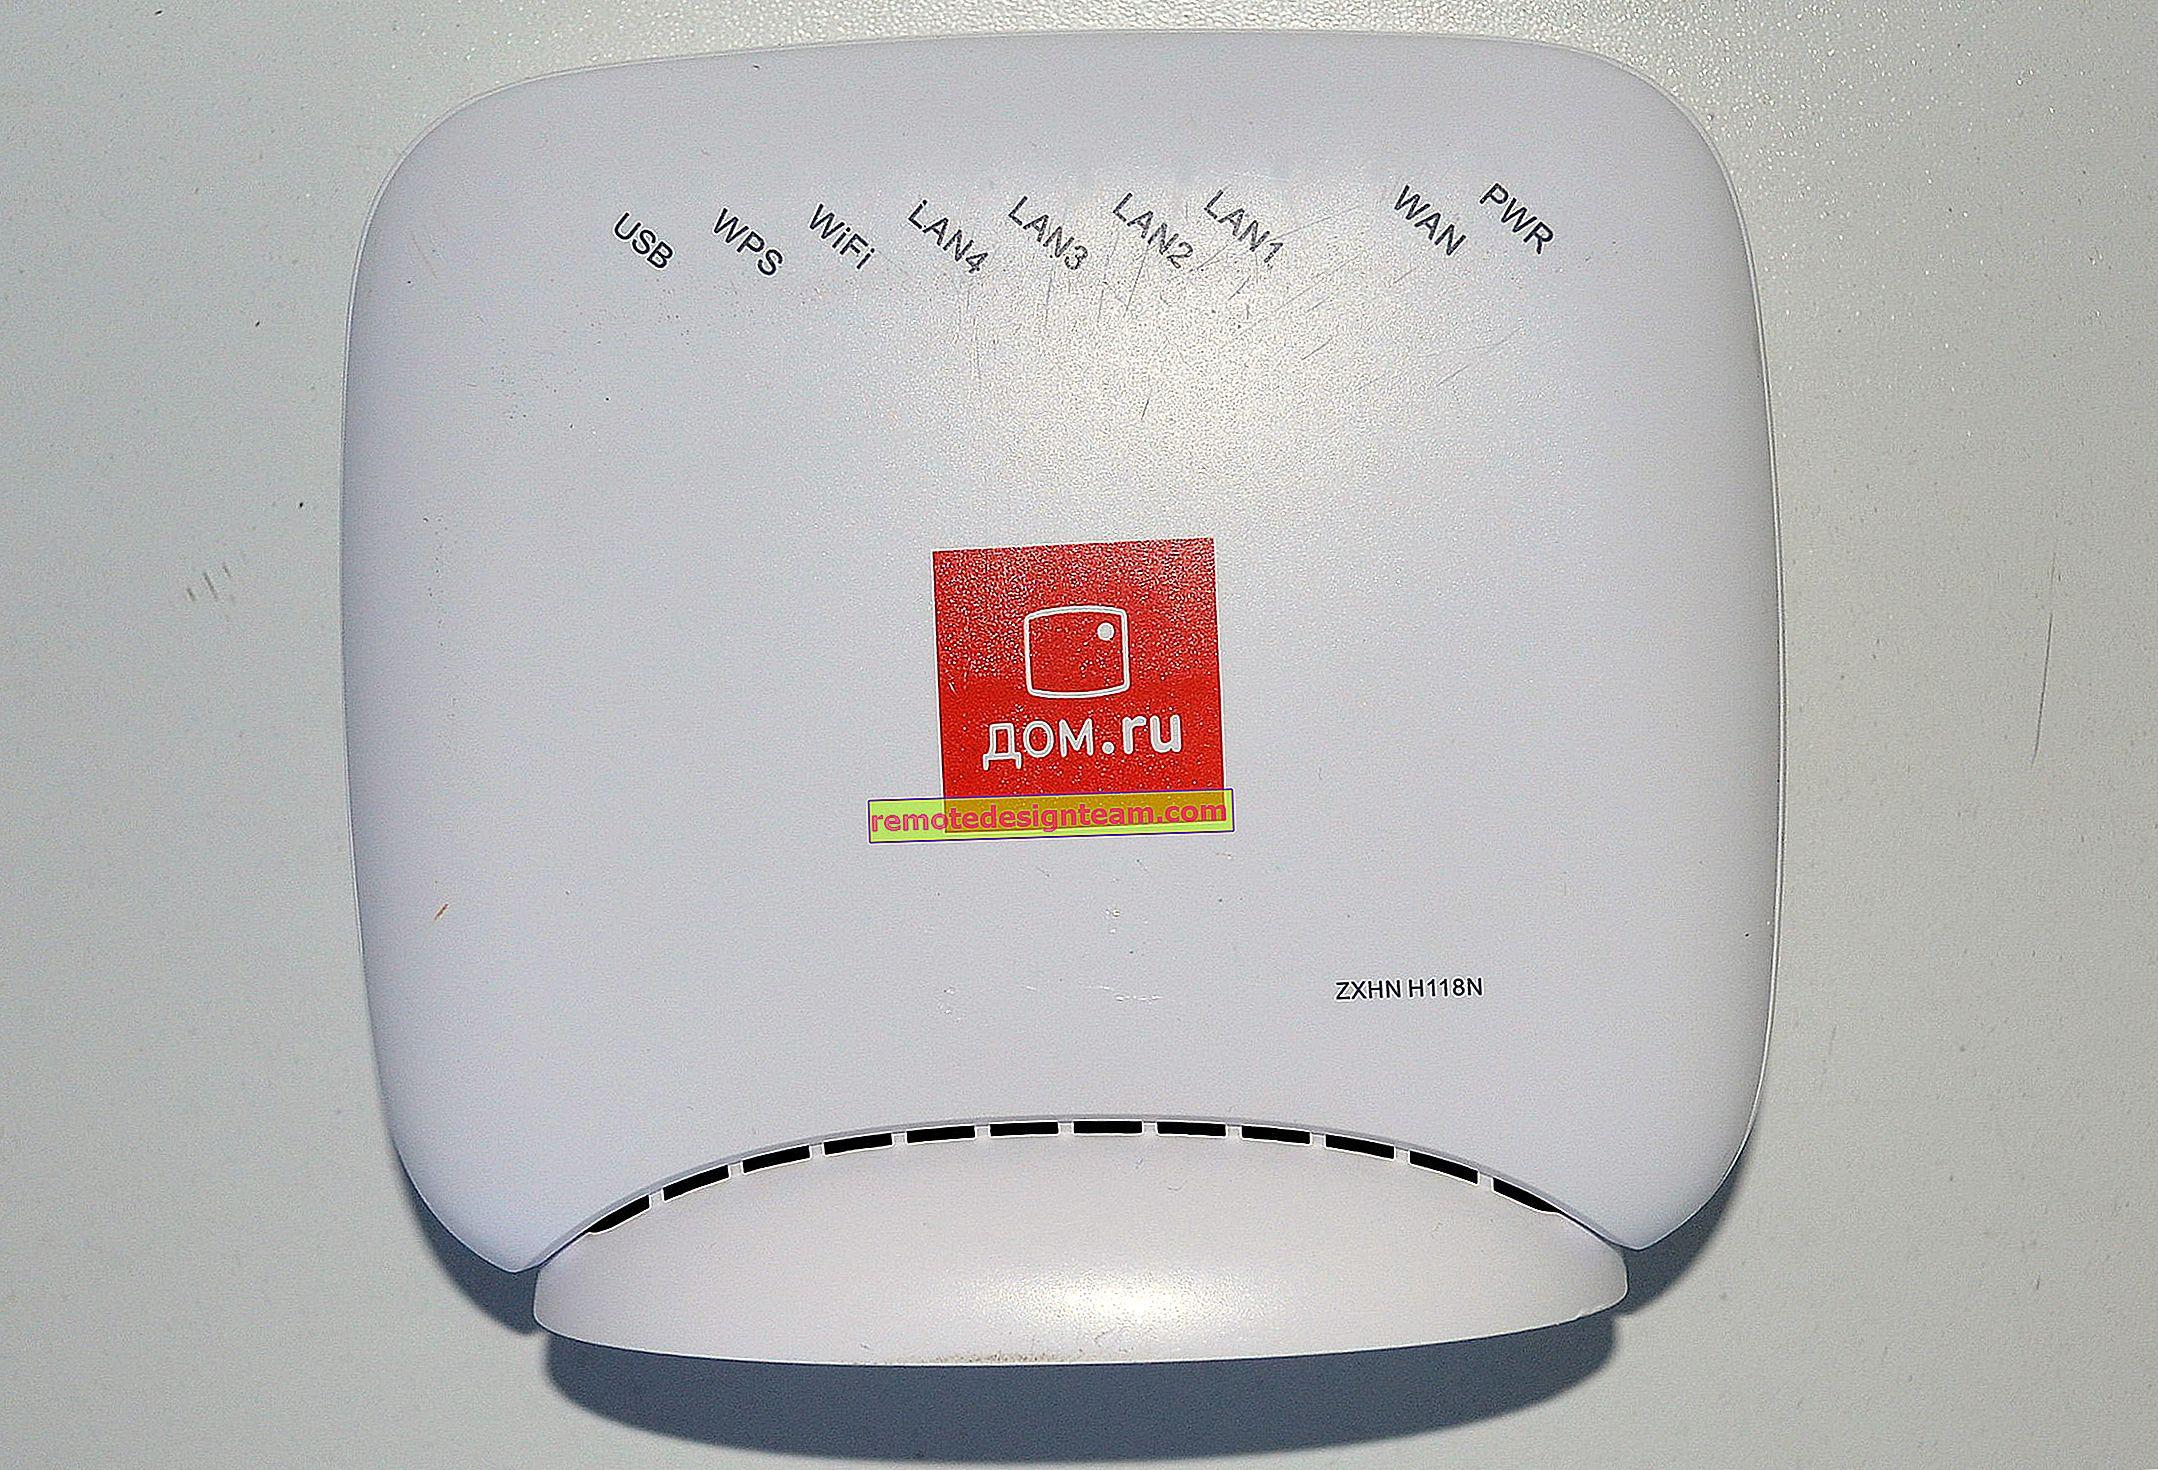 Налаштування Wi-Fi роутера для провайдера Дом.ру